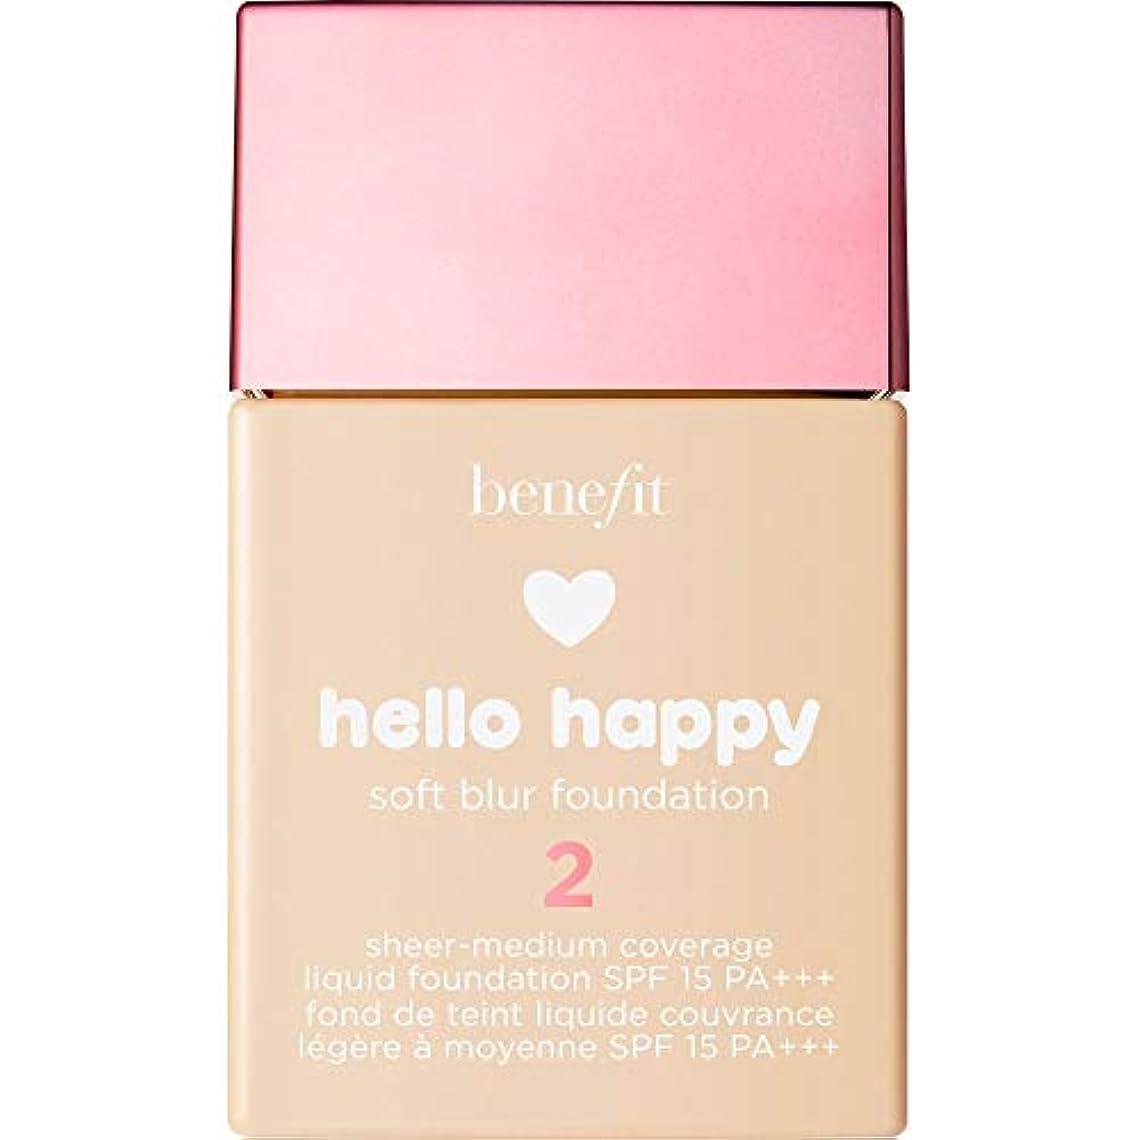 暫定のフェッチ反抗[Benefit ] こんにちは幸せなソフトブラー基礎Spf15 30ミリリットル2に利益をもたらす - 暖かい光 - Benefit Hello Happy Soft Blur Foundation SPF15 30ml...